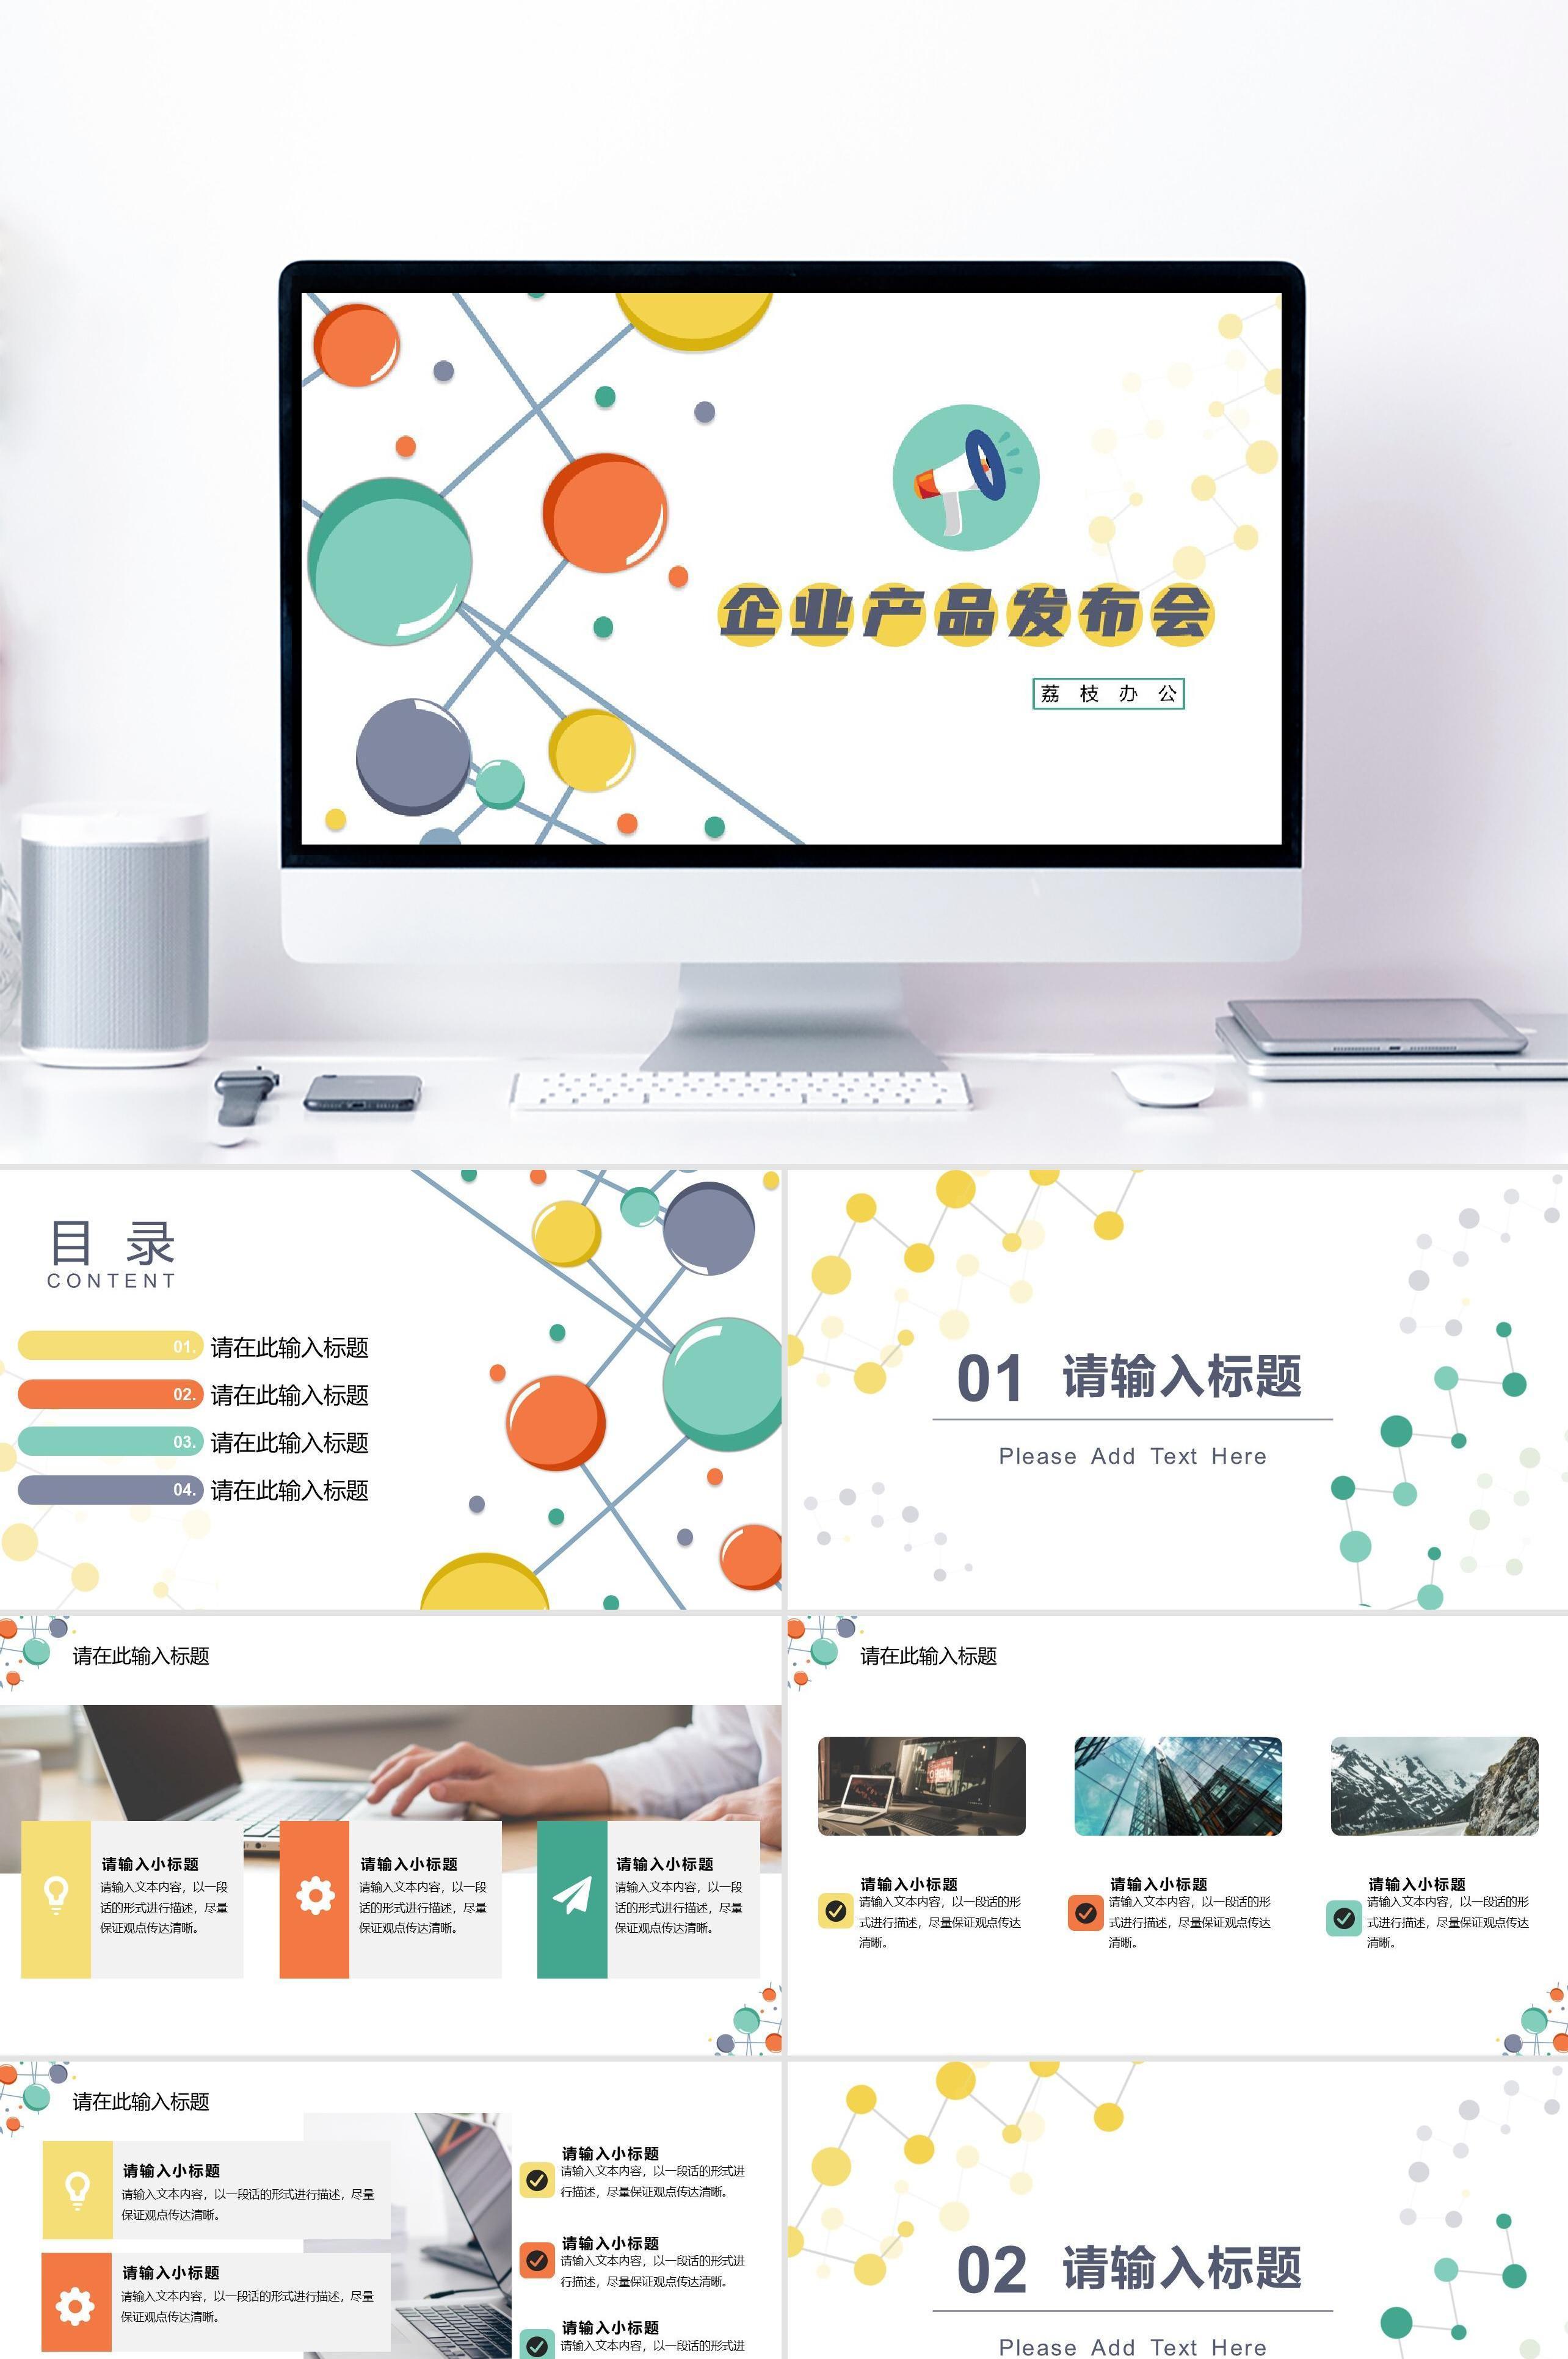 彩色活泼简约扁平精致企业产品发布会PPT模板